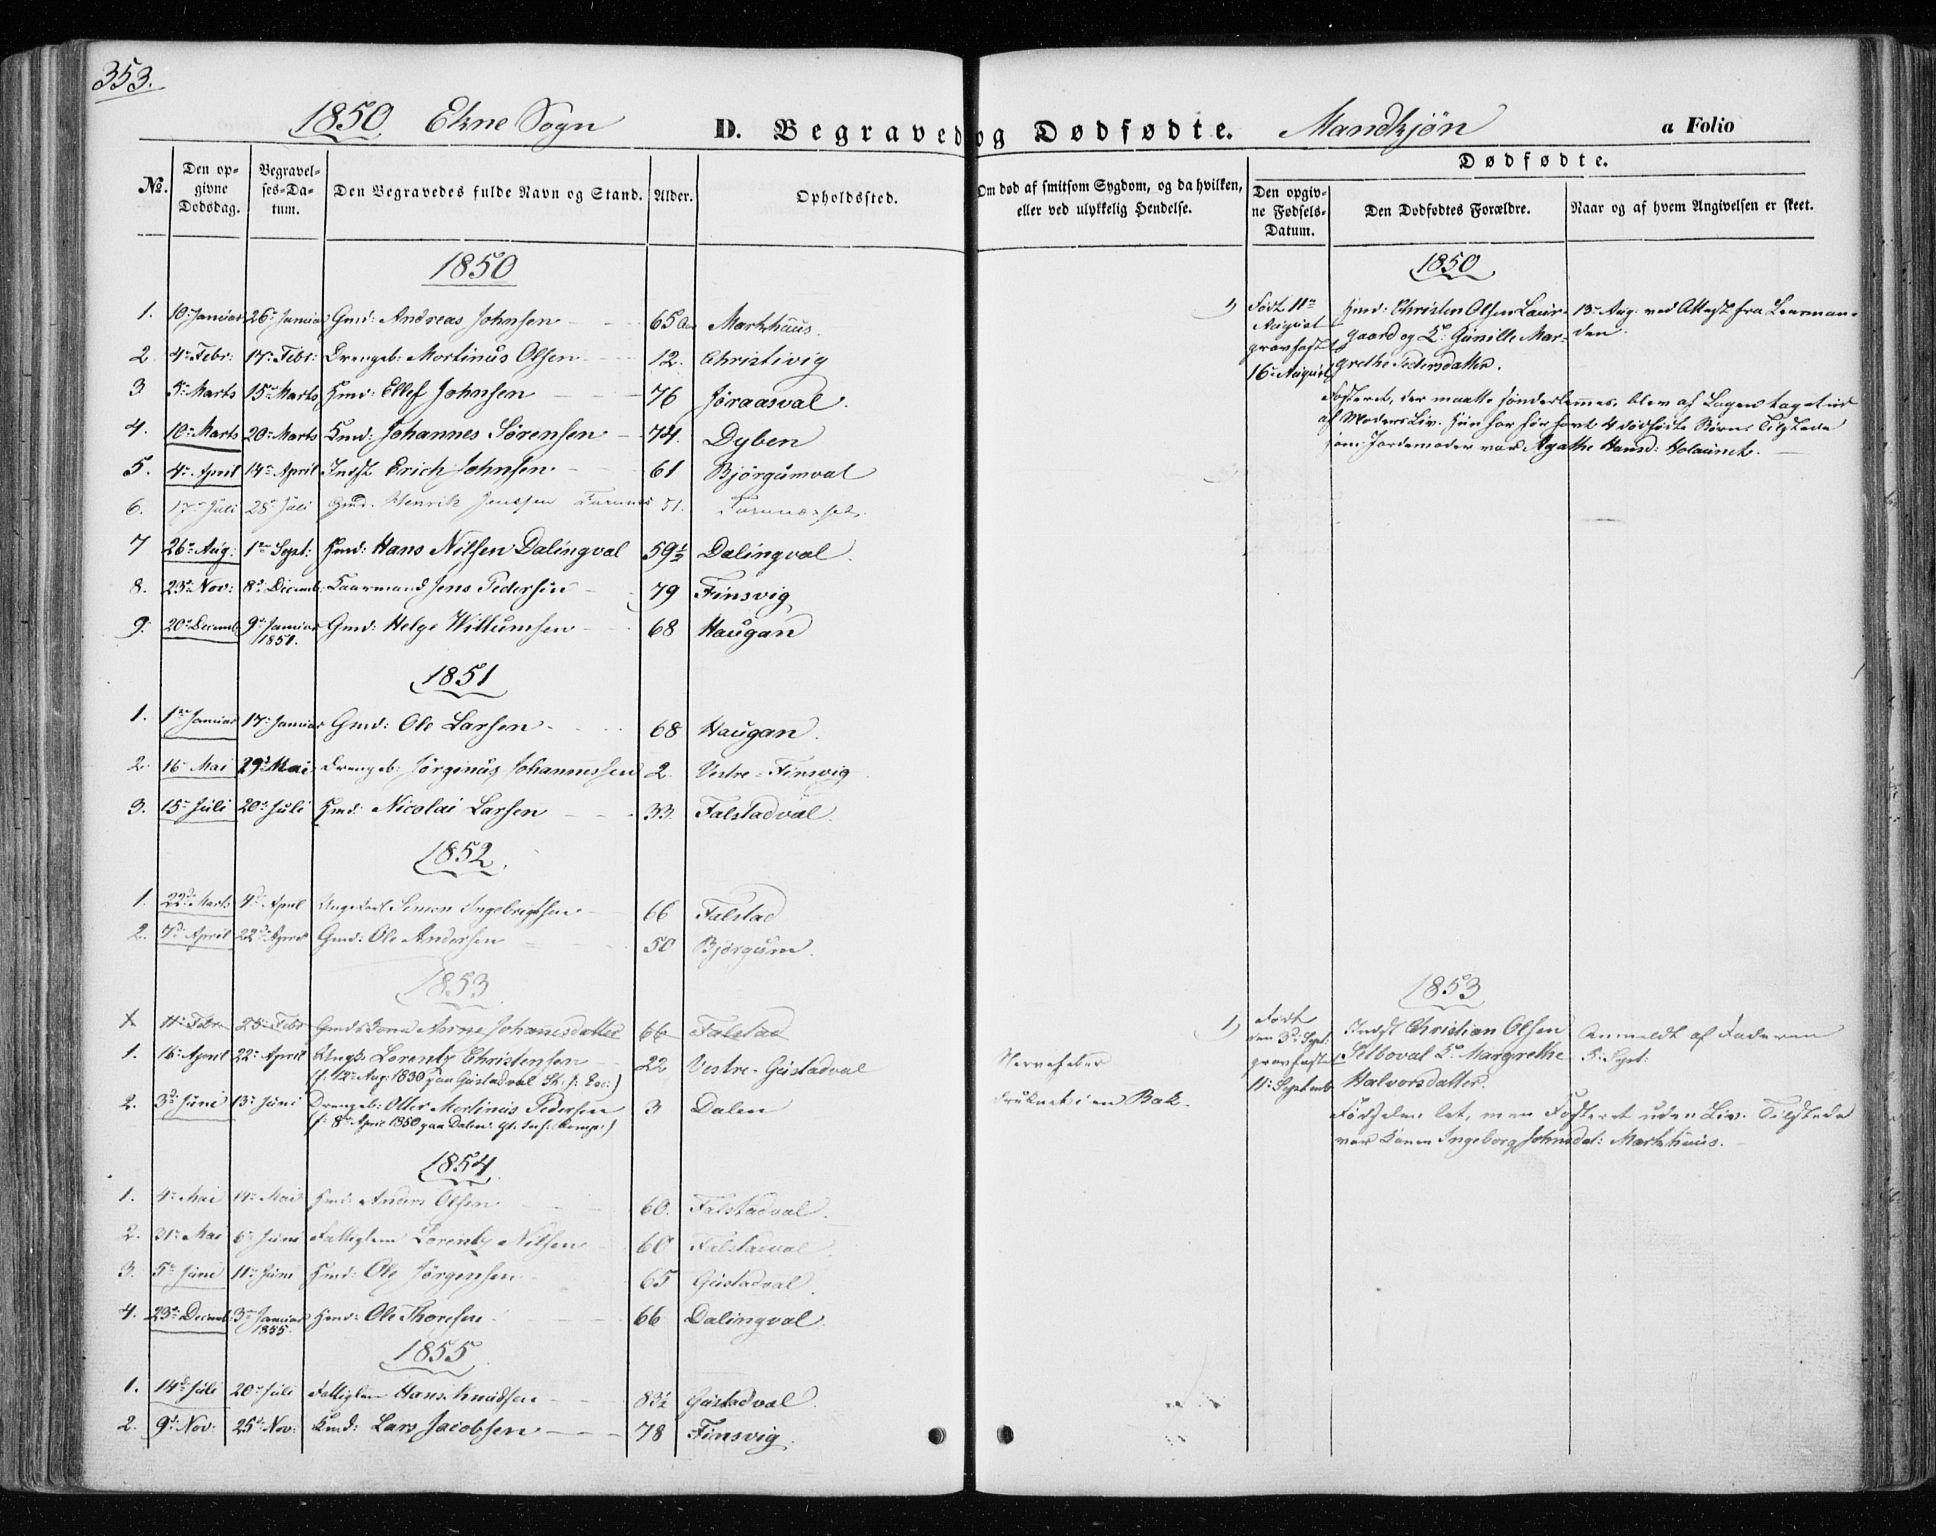 SAT, Ministerialprotokoller, klokkerbøker og fødselsregistre - Nord-Trøndelag, 717/L0154: Ministerialbok nr. 717A07 /3, 1850-1862, s. 353